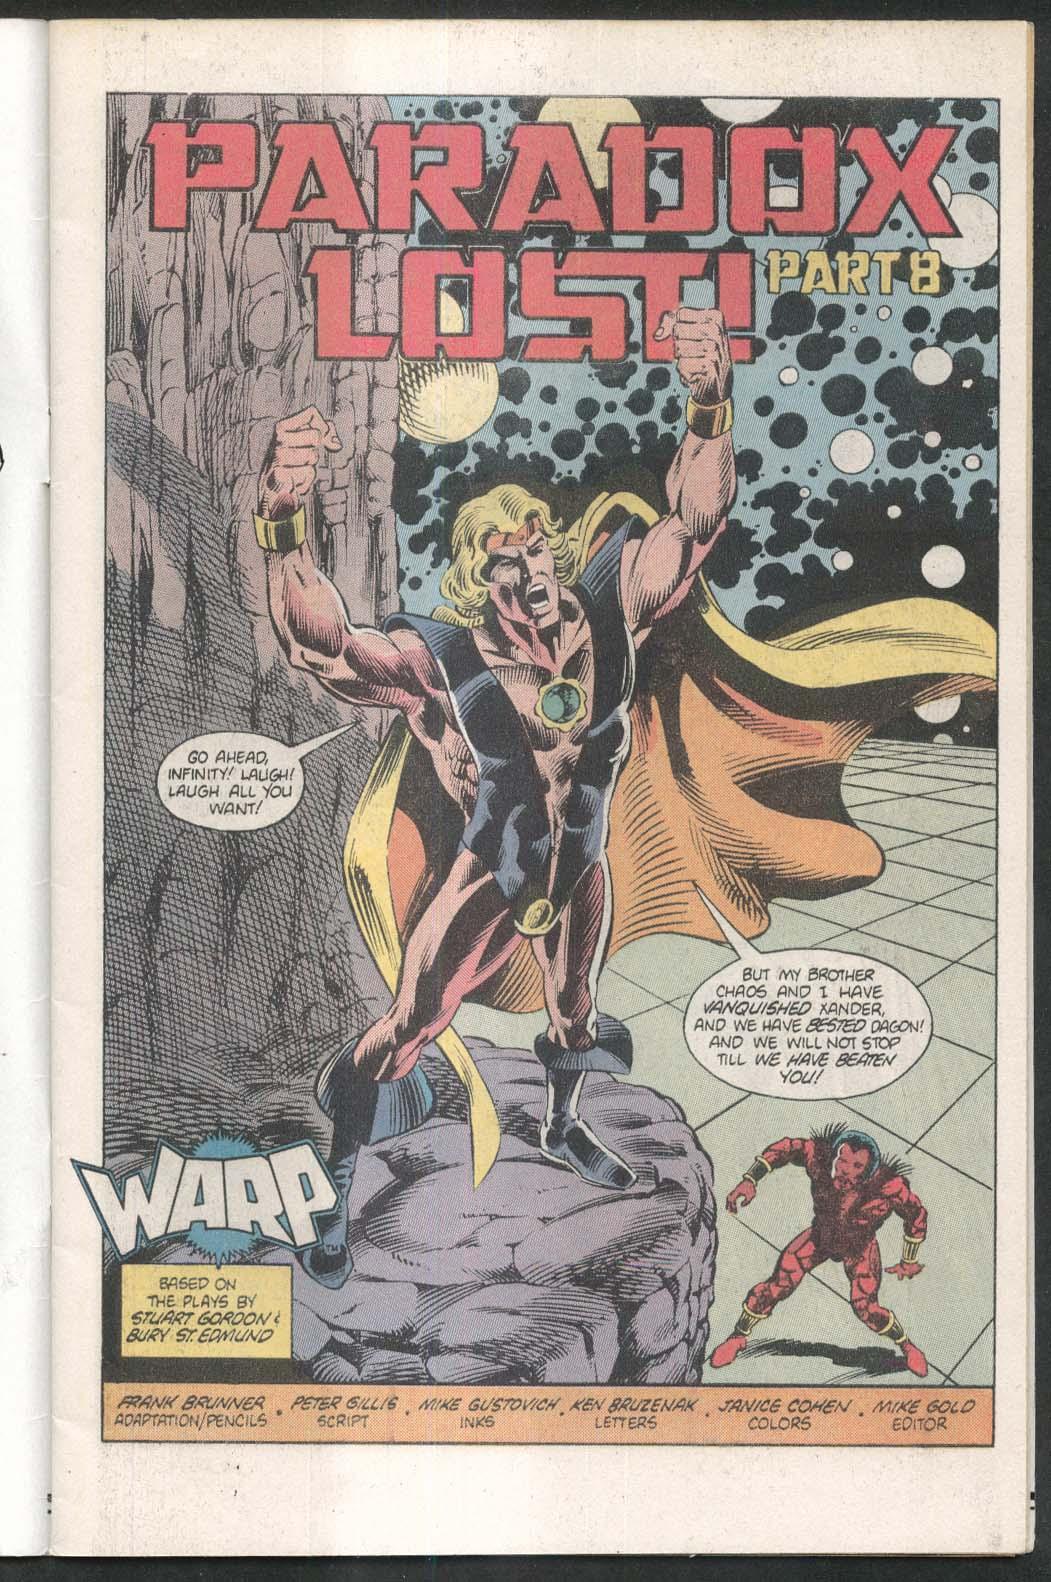 WARP #8 First comic book 11 1983